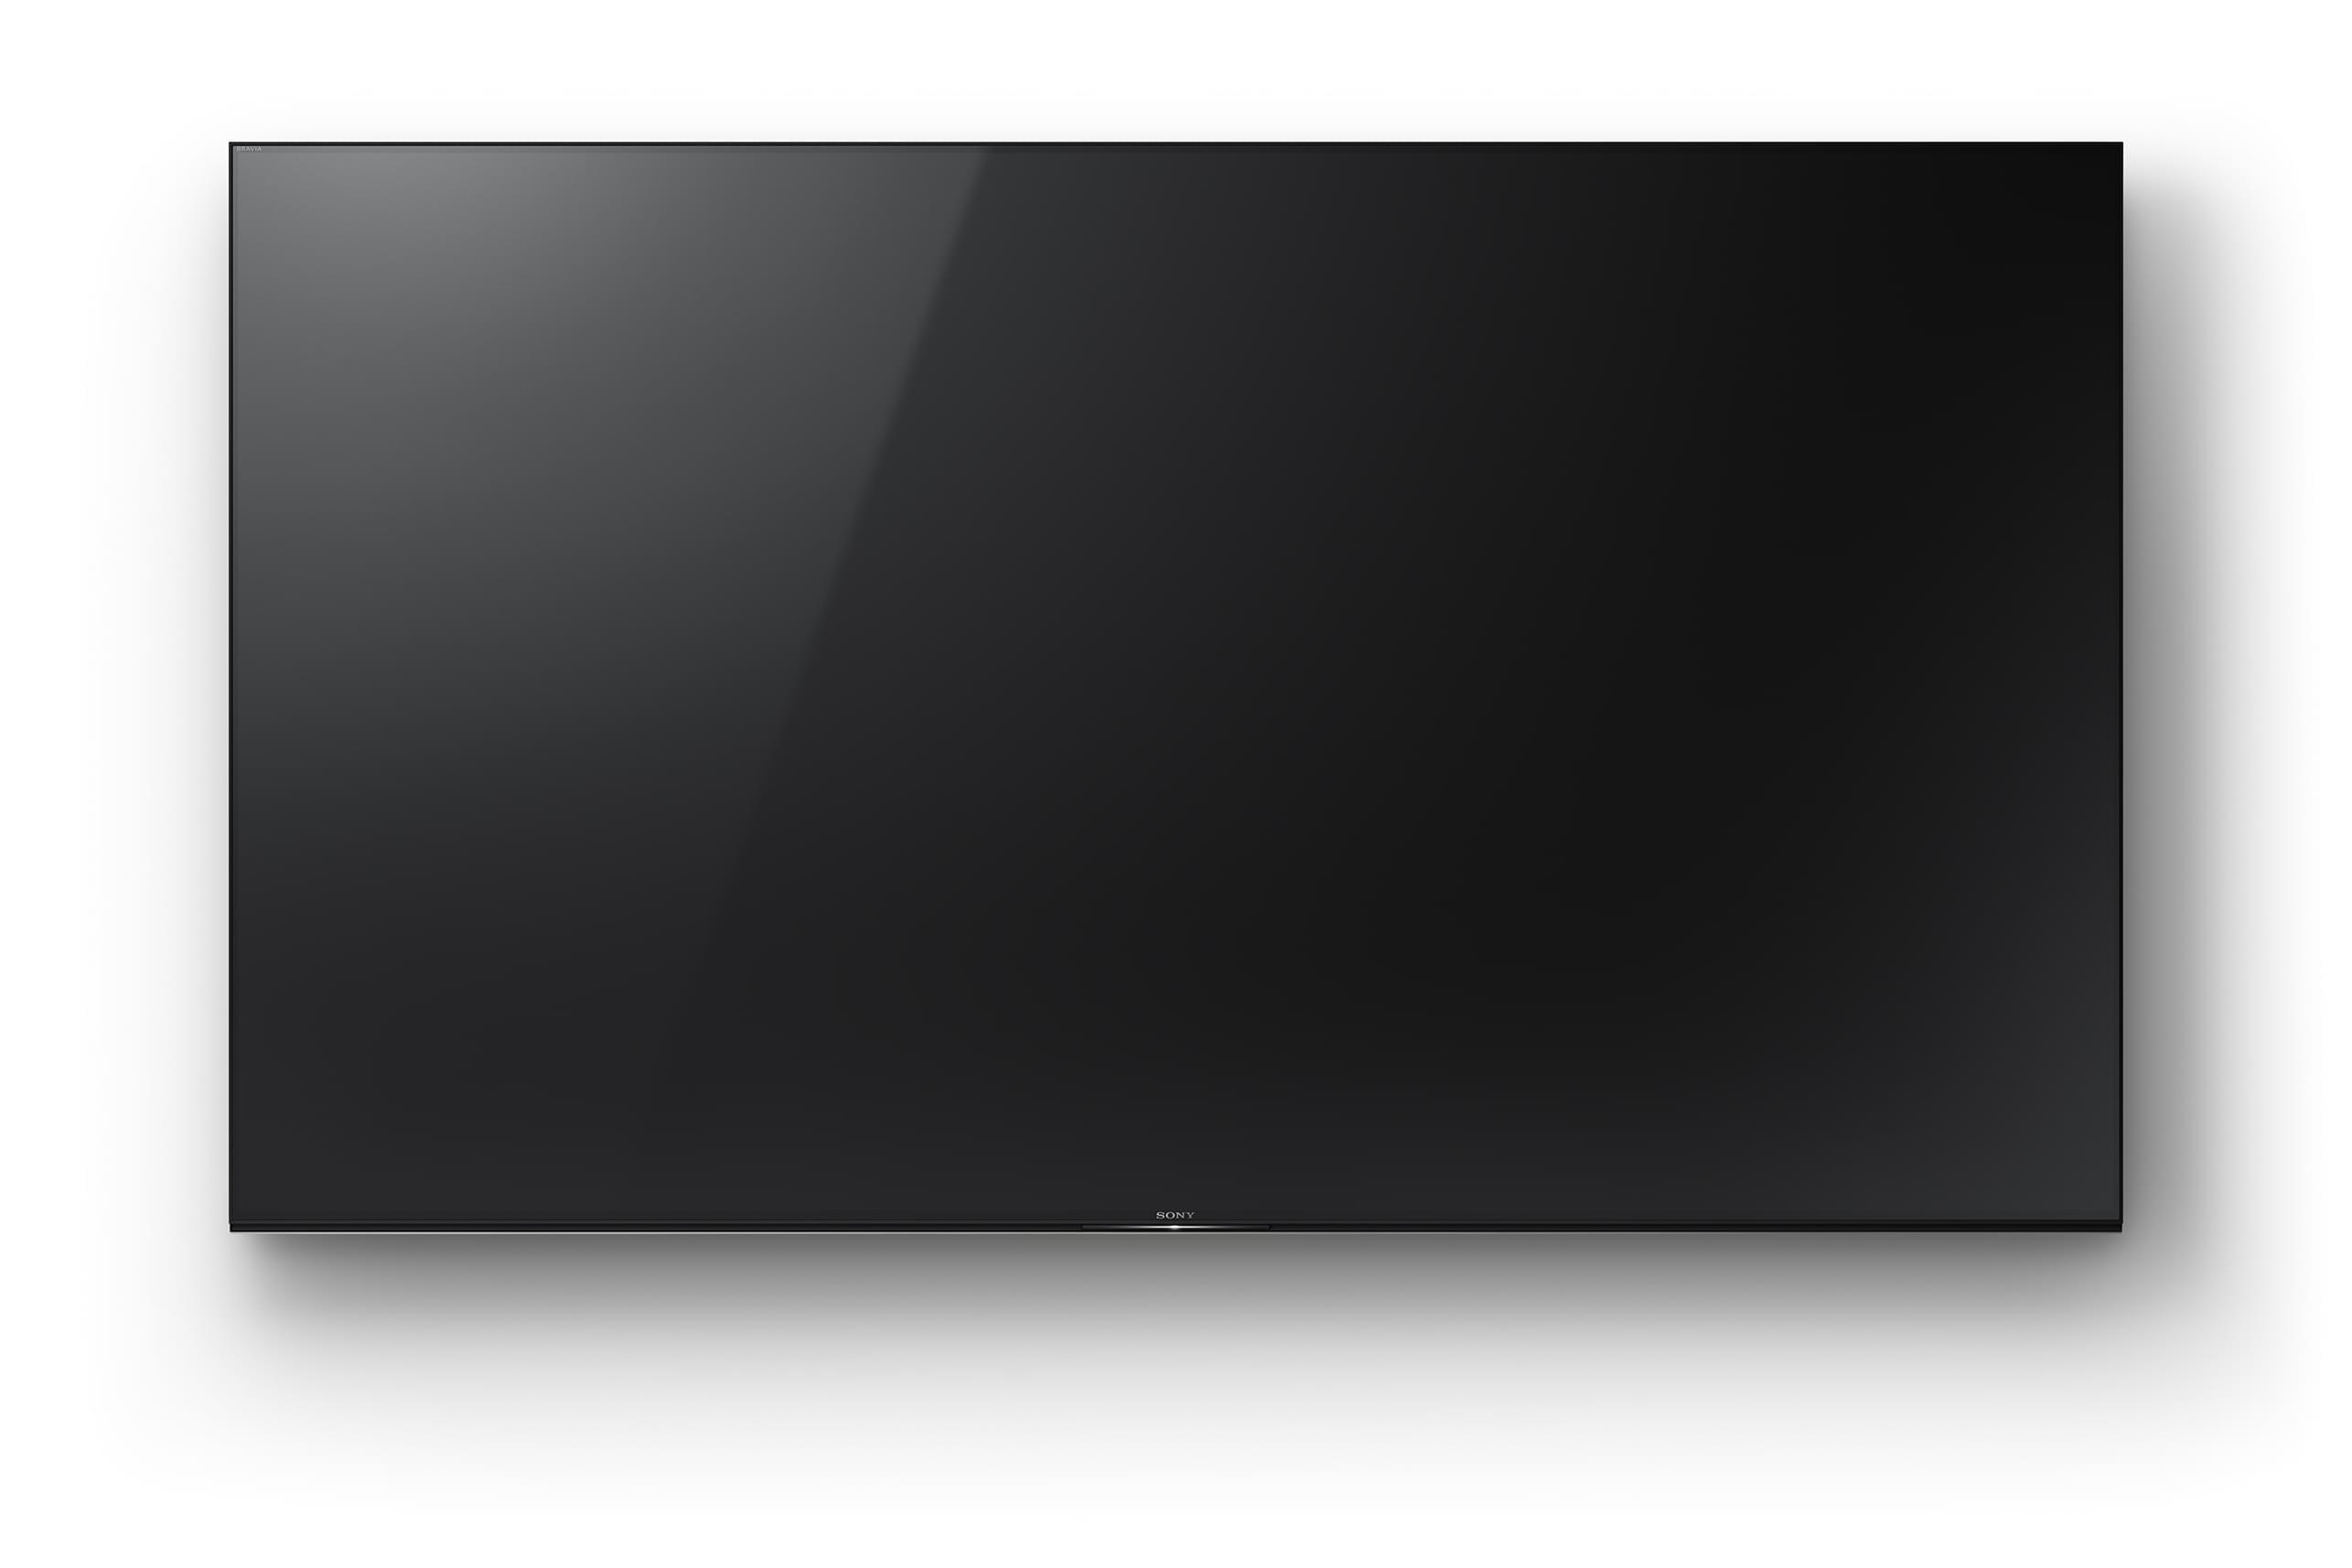 Sony TV CES 7